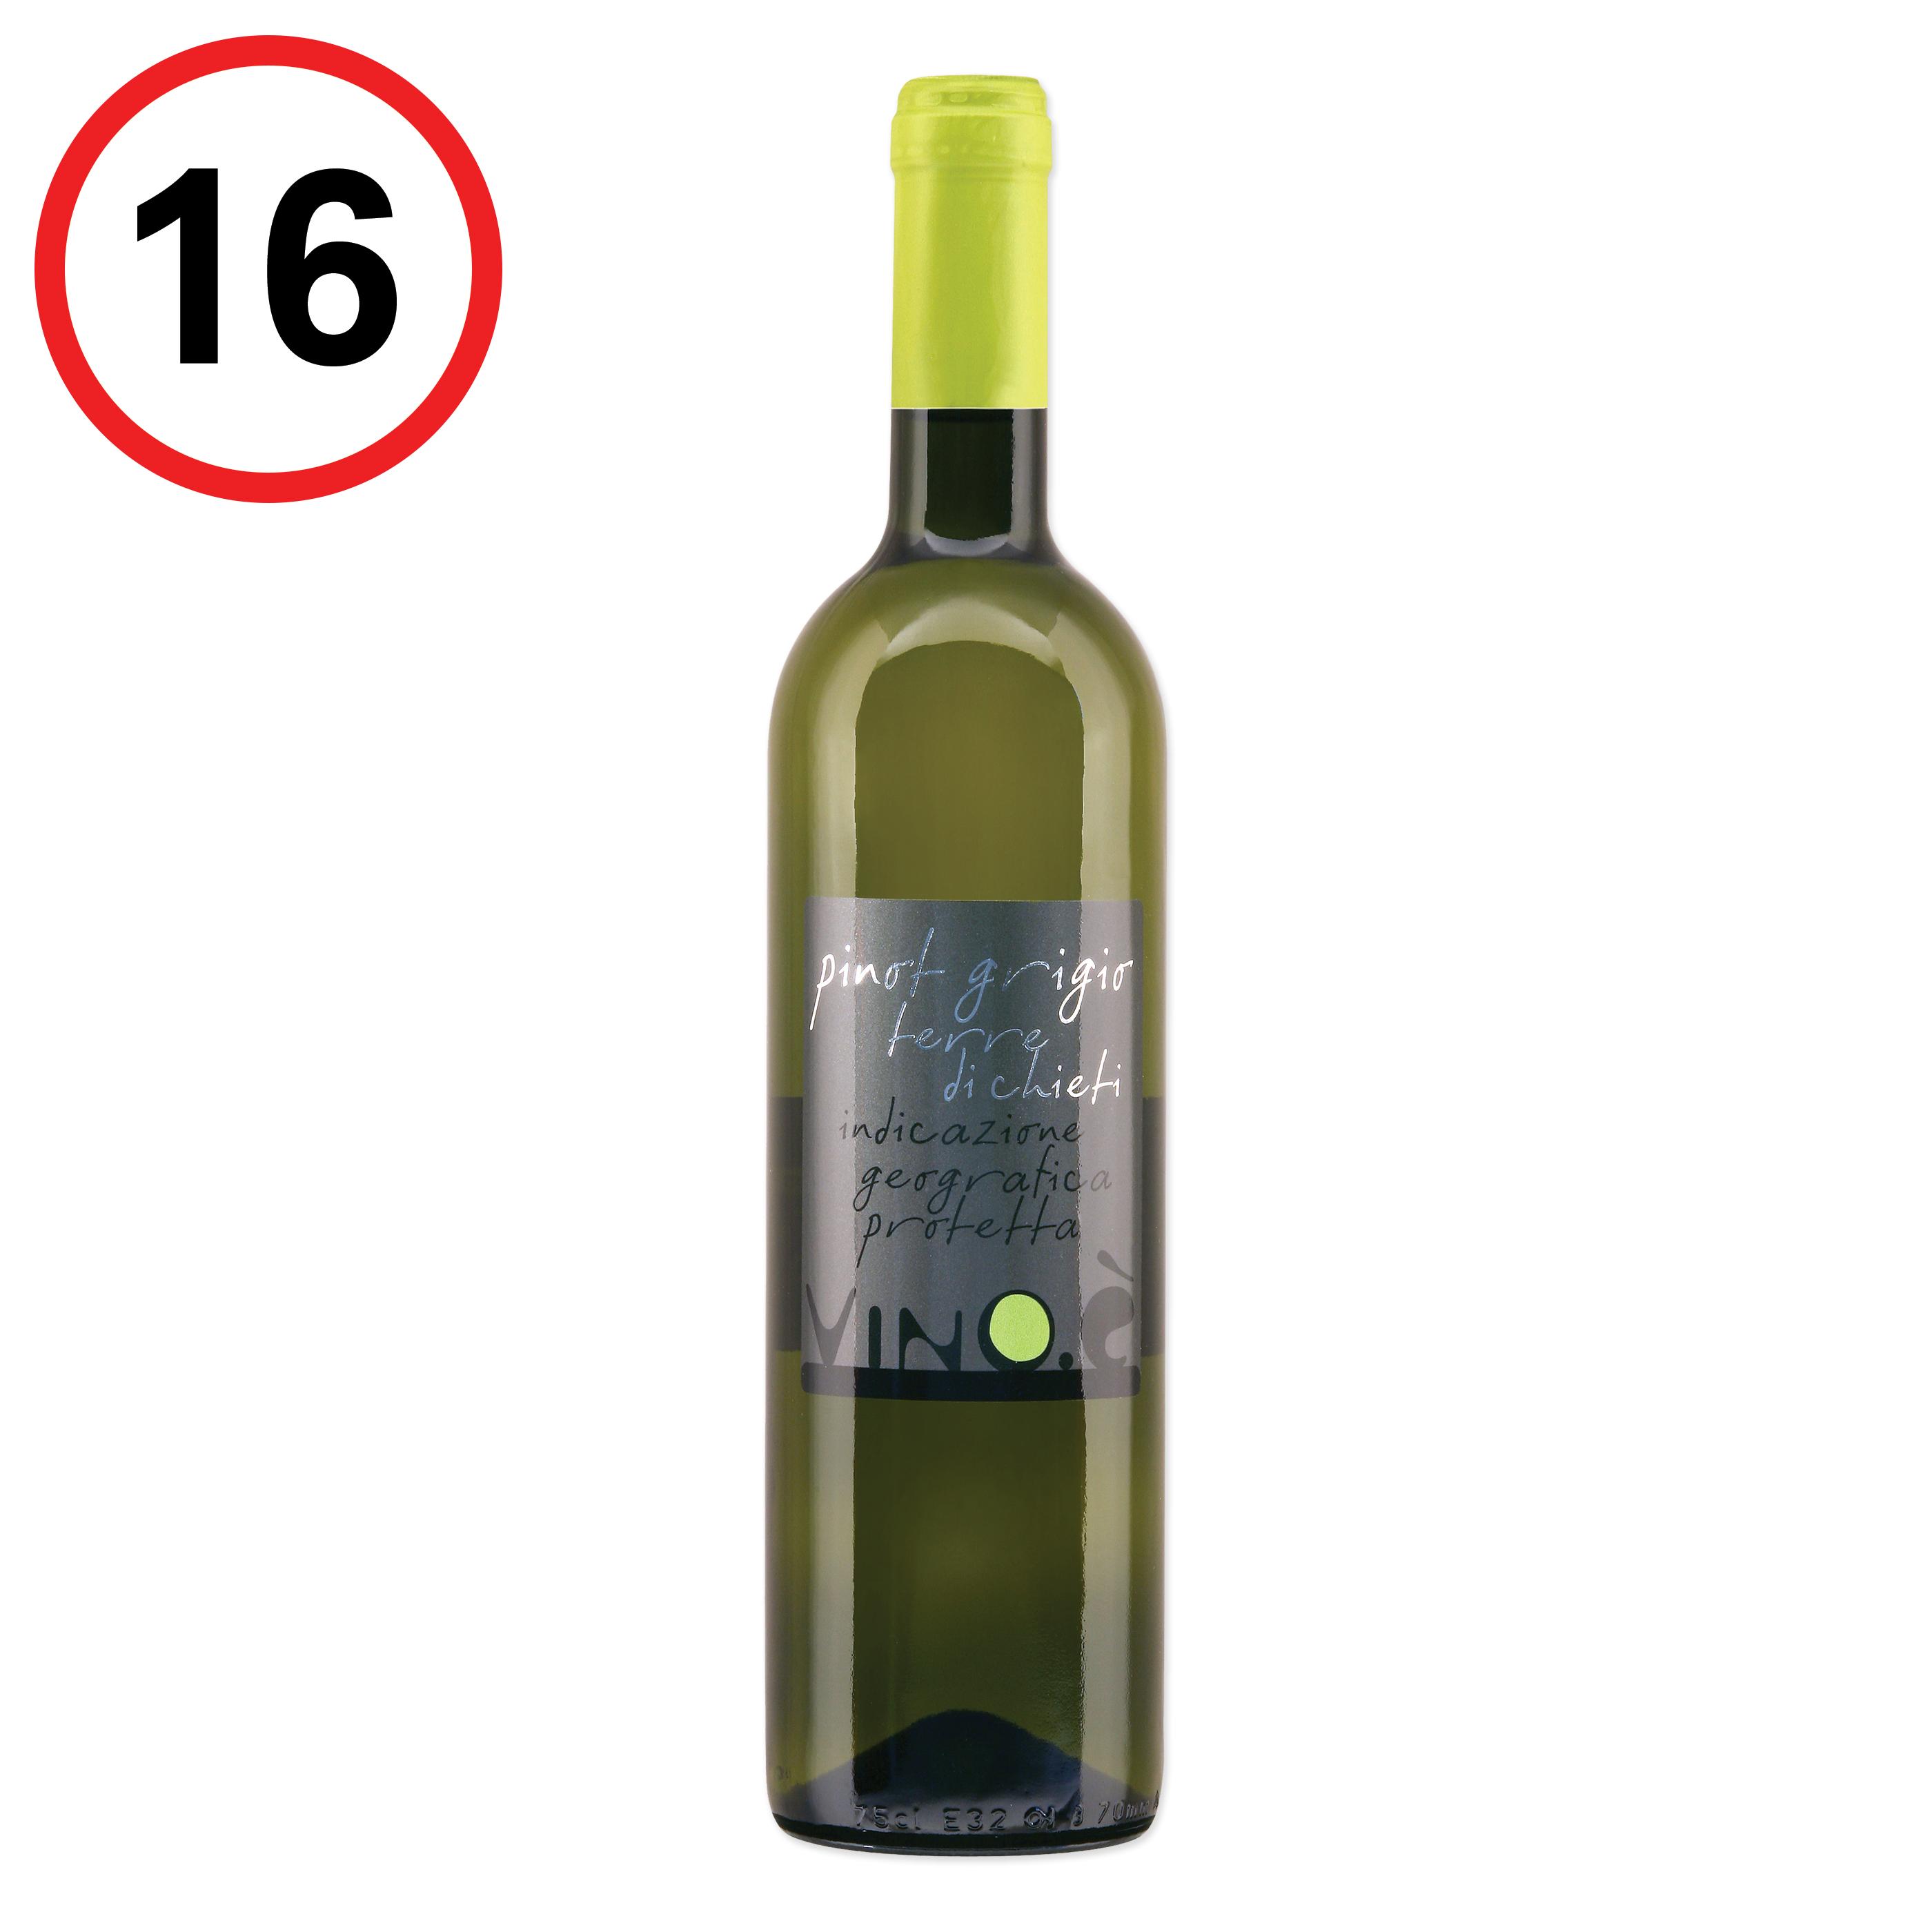 Pinot Grigio terre di chieti IGP, White wine